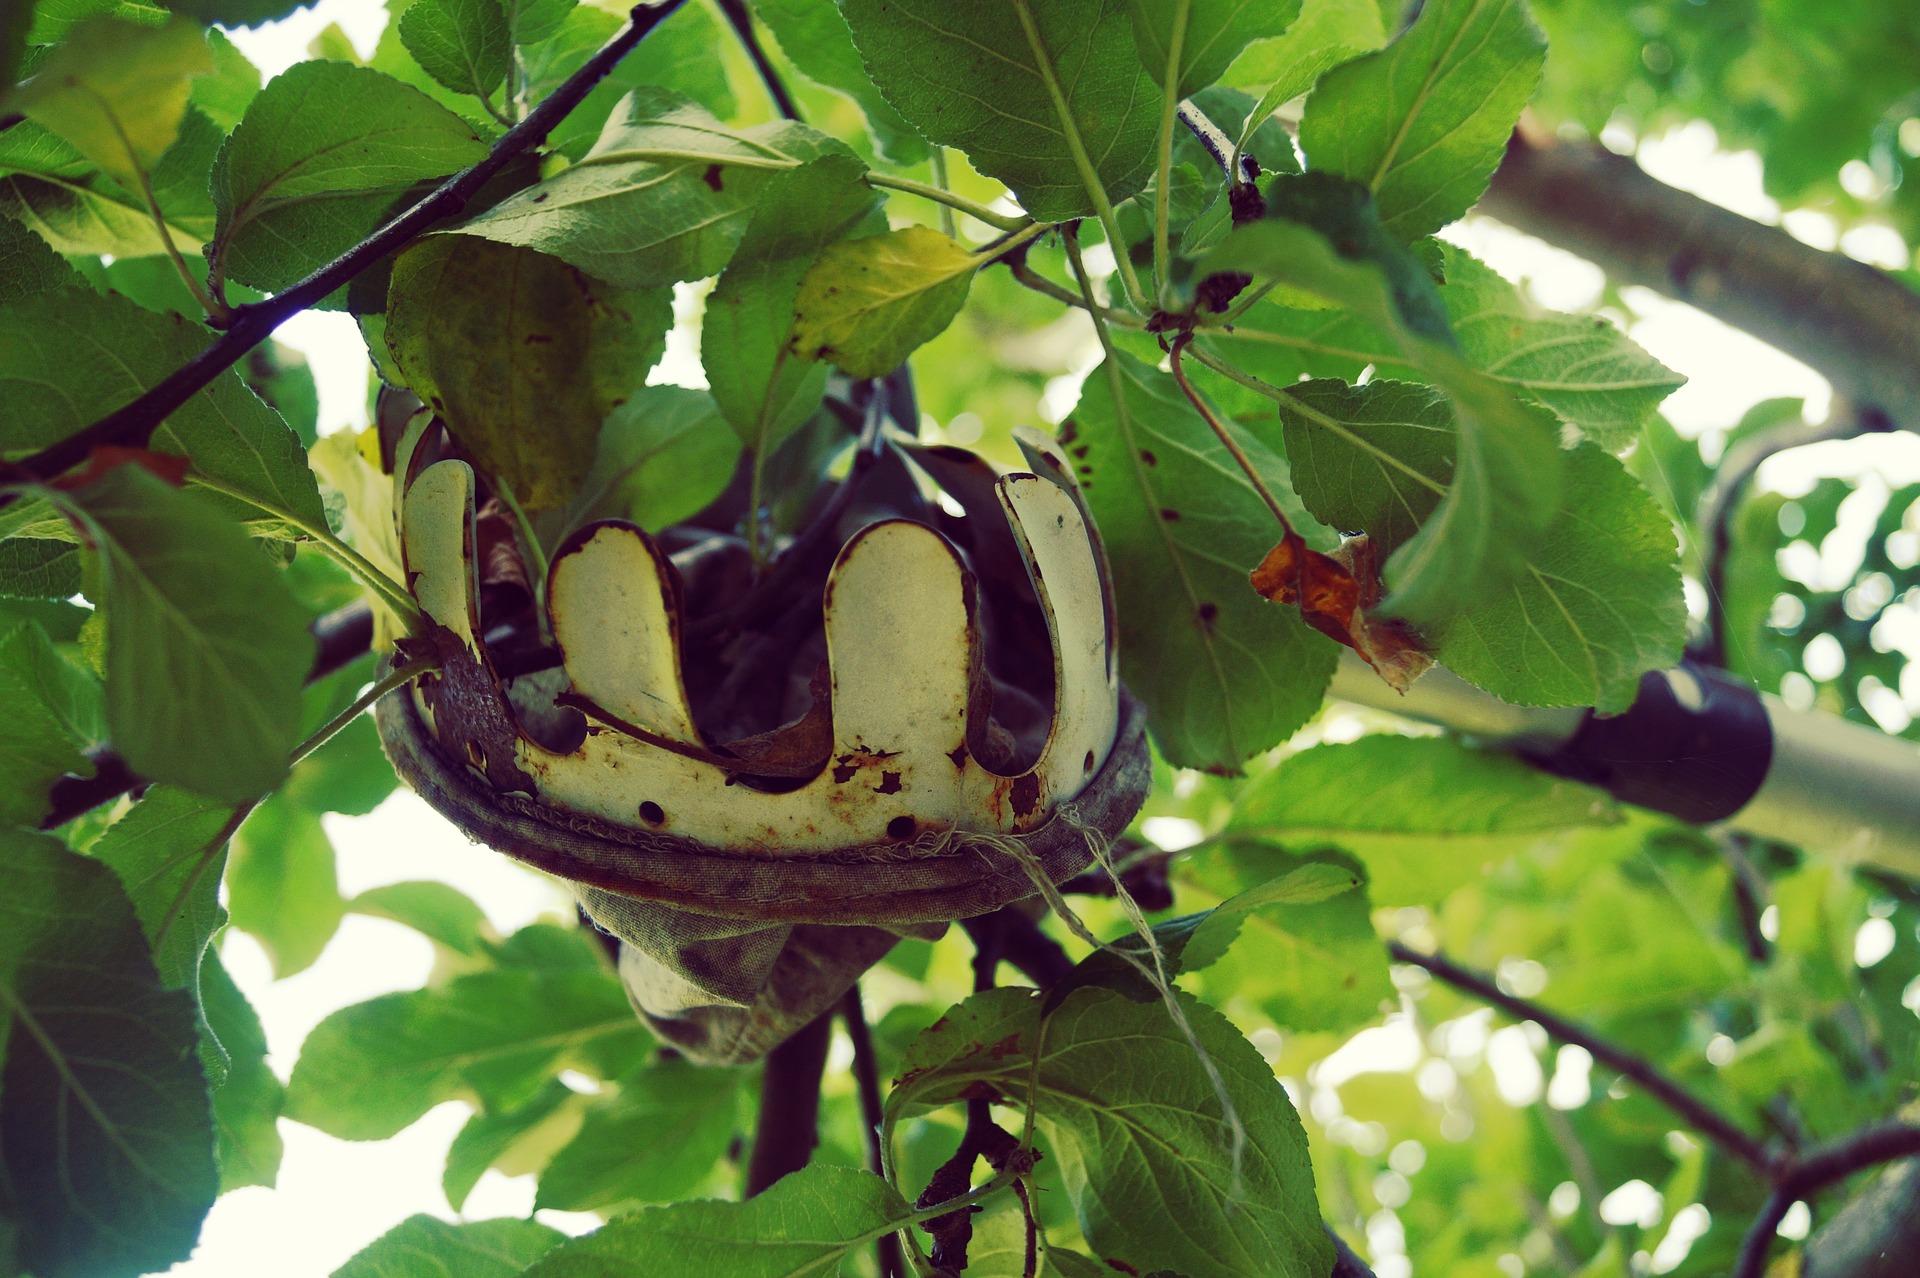 Obstpflücker: Test & Empfehlungen (01/21)